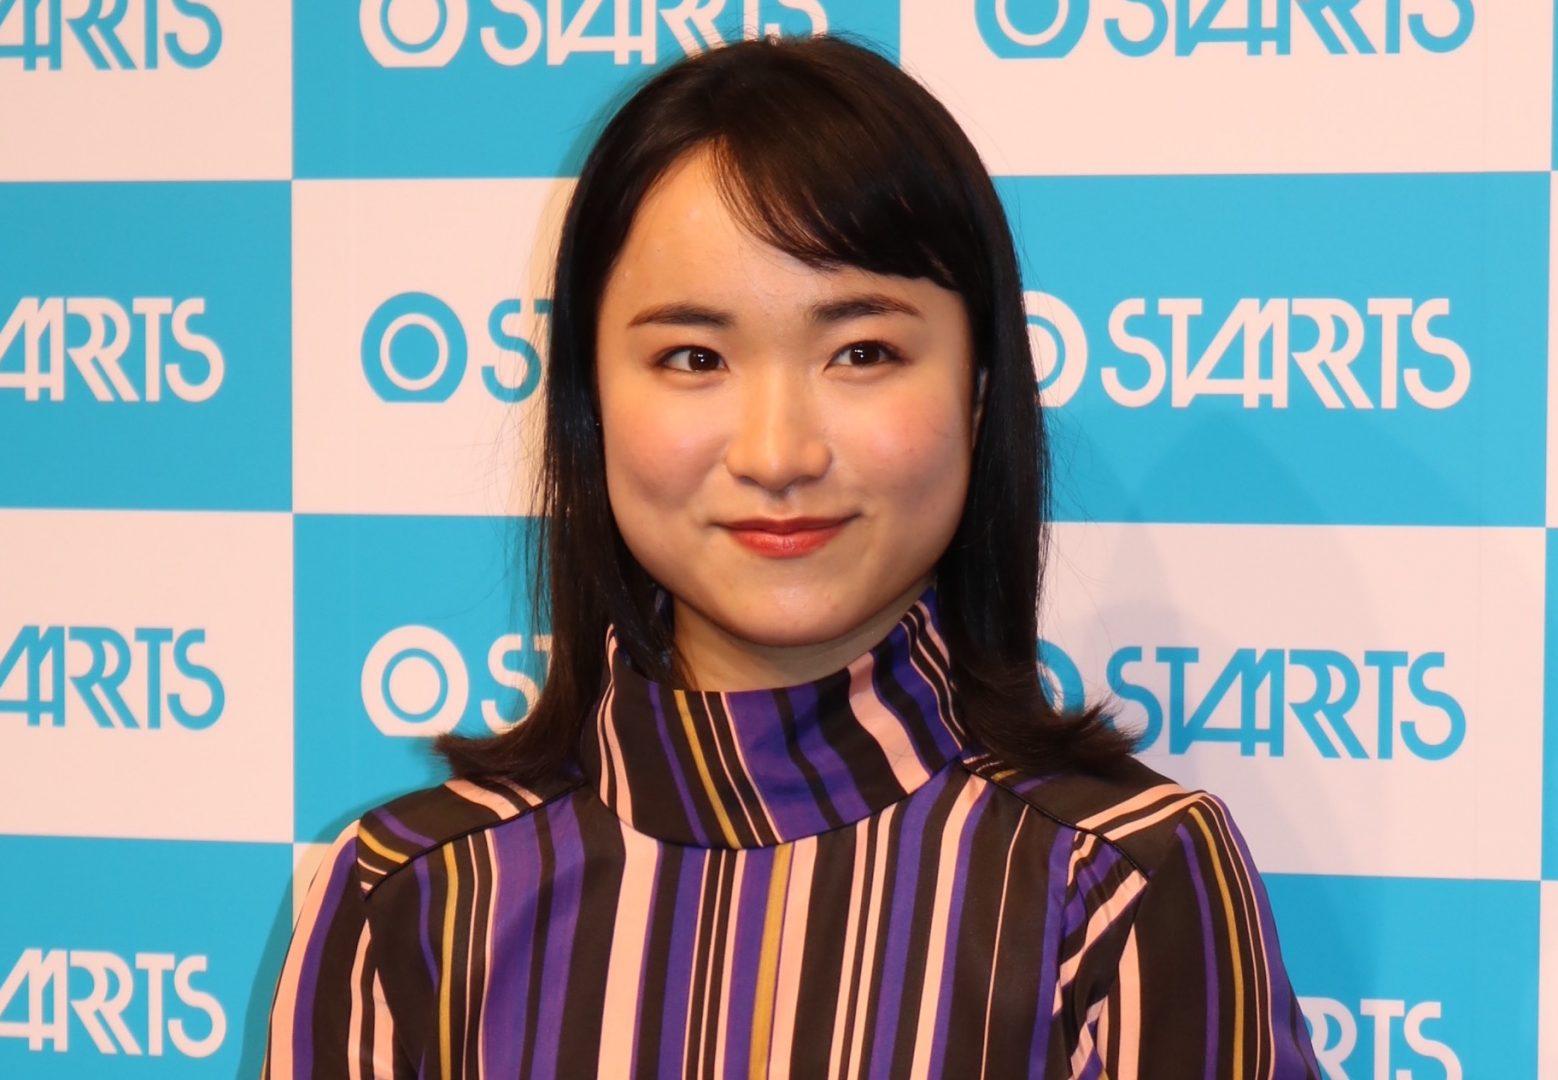 伊藤美誠が東京タワーで自撮り   武井壮も絶賛のドレスコーデに「可愛い」の声殺到!